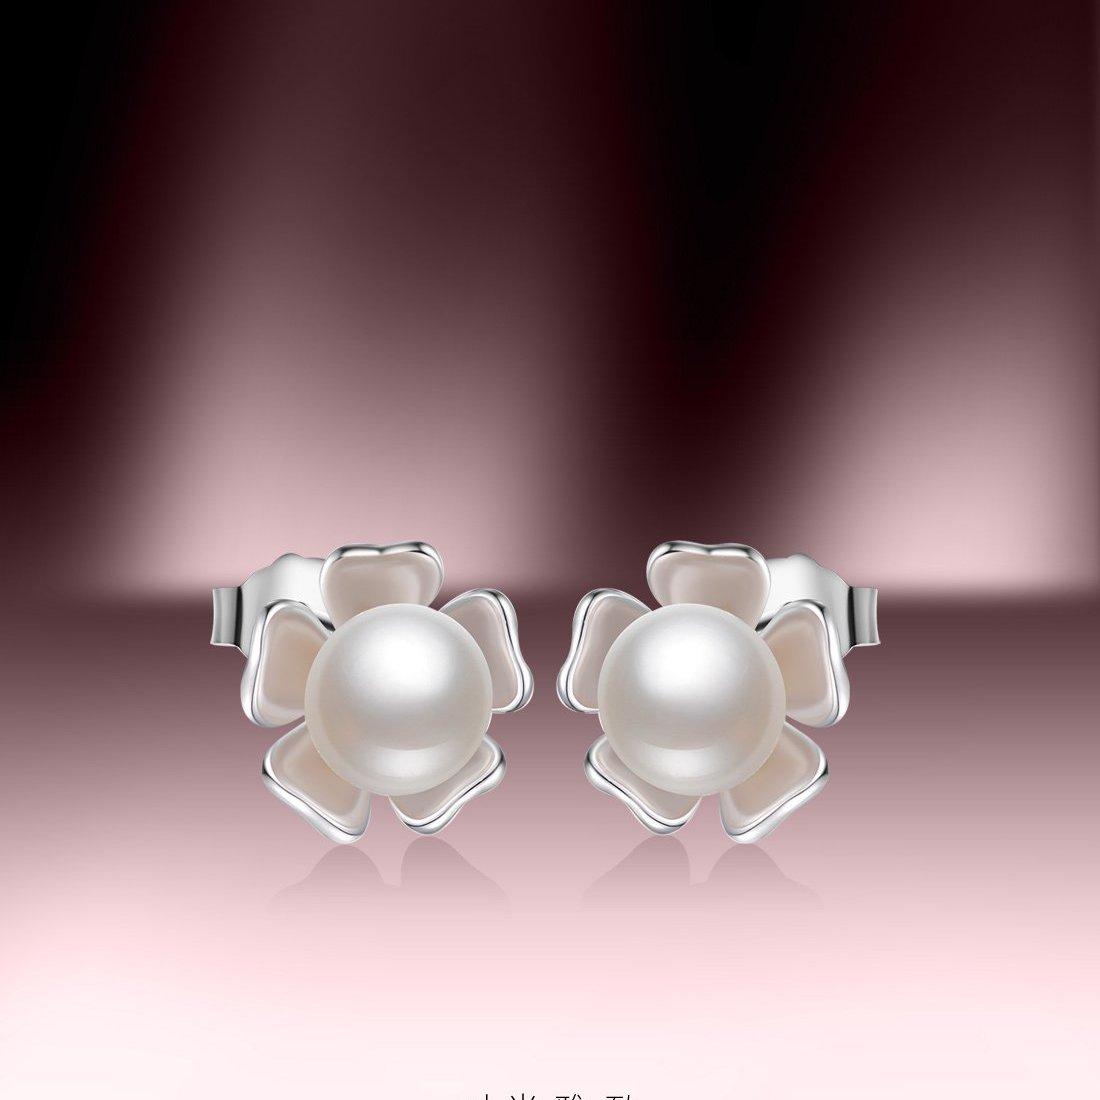 北海珍珠批发   北海淡水珍珠耳钉天然珍珠耳饰 S925银